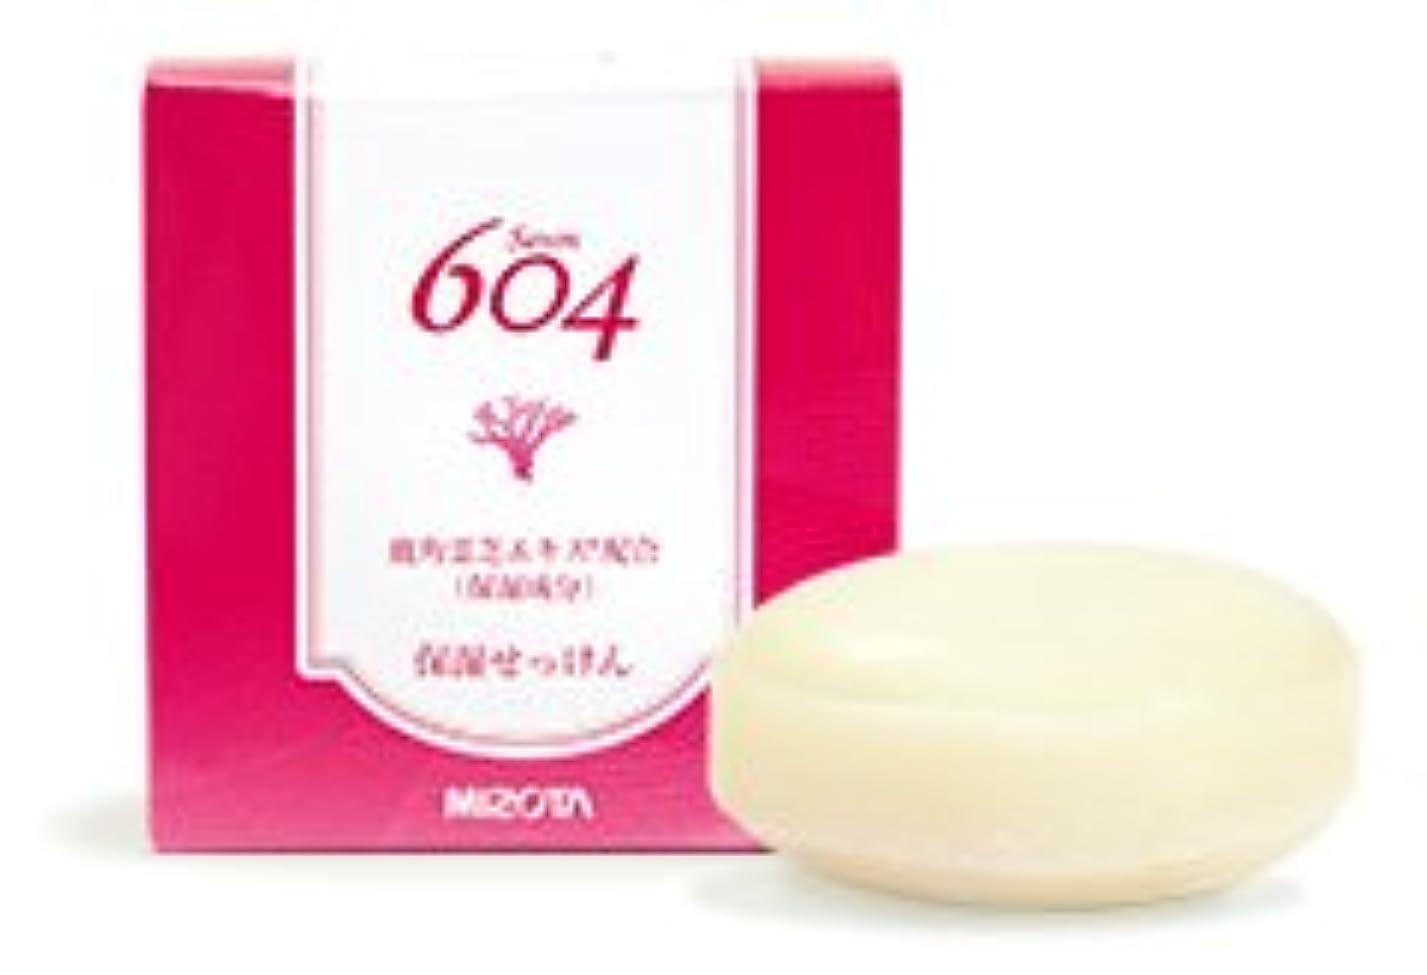 マイクロ敵意衣服保湿ソープ604(洗顔石鹸) 鹿角零芝エキス配合